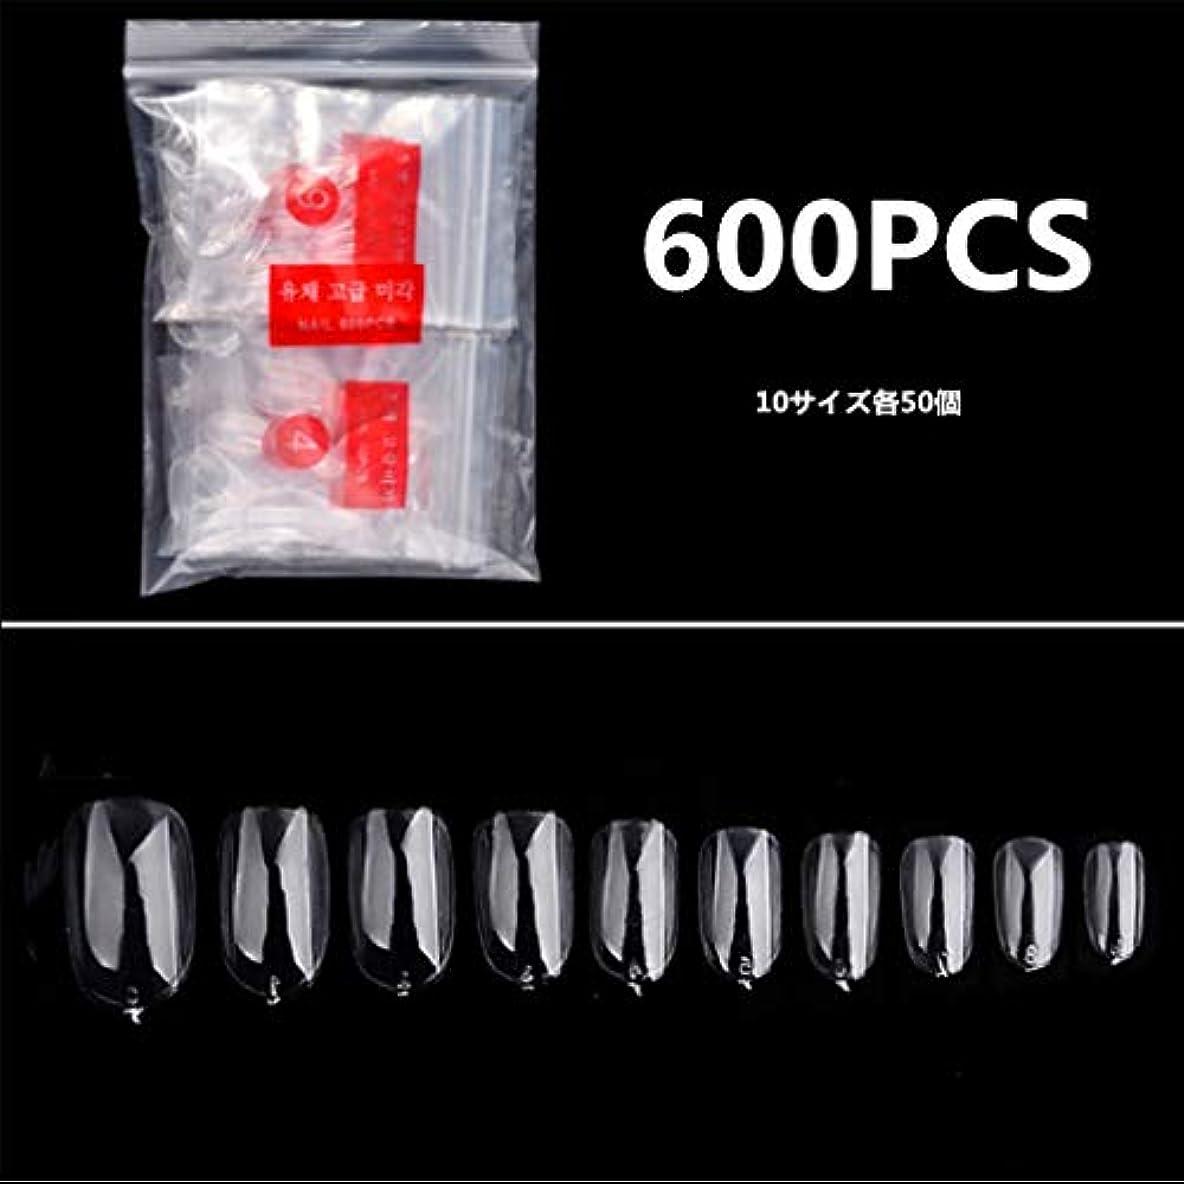 診療所疑わしいトレイルATOETI ネイルチップ つけ爪 ネイル用品 10サイズ ショート デコレーション 無地 付け爪 練習用 爪にピッタリ 卵形 短い 600枚入れ 透明